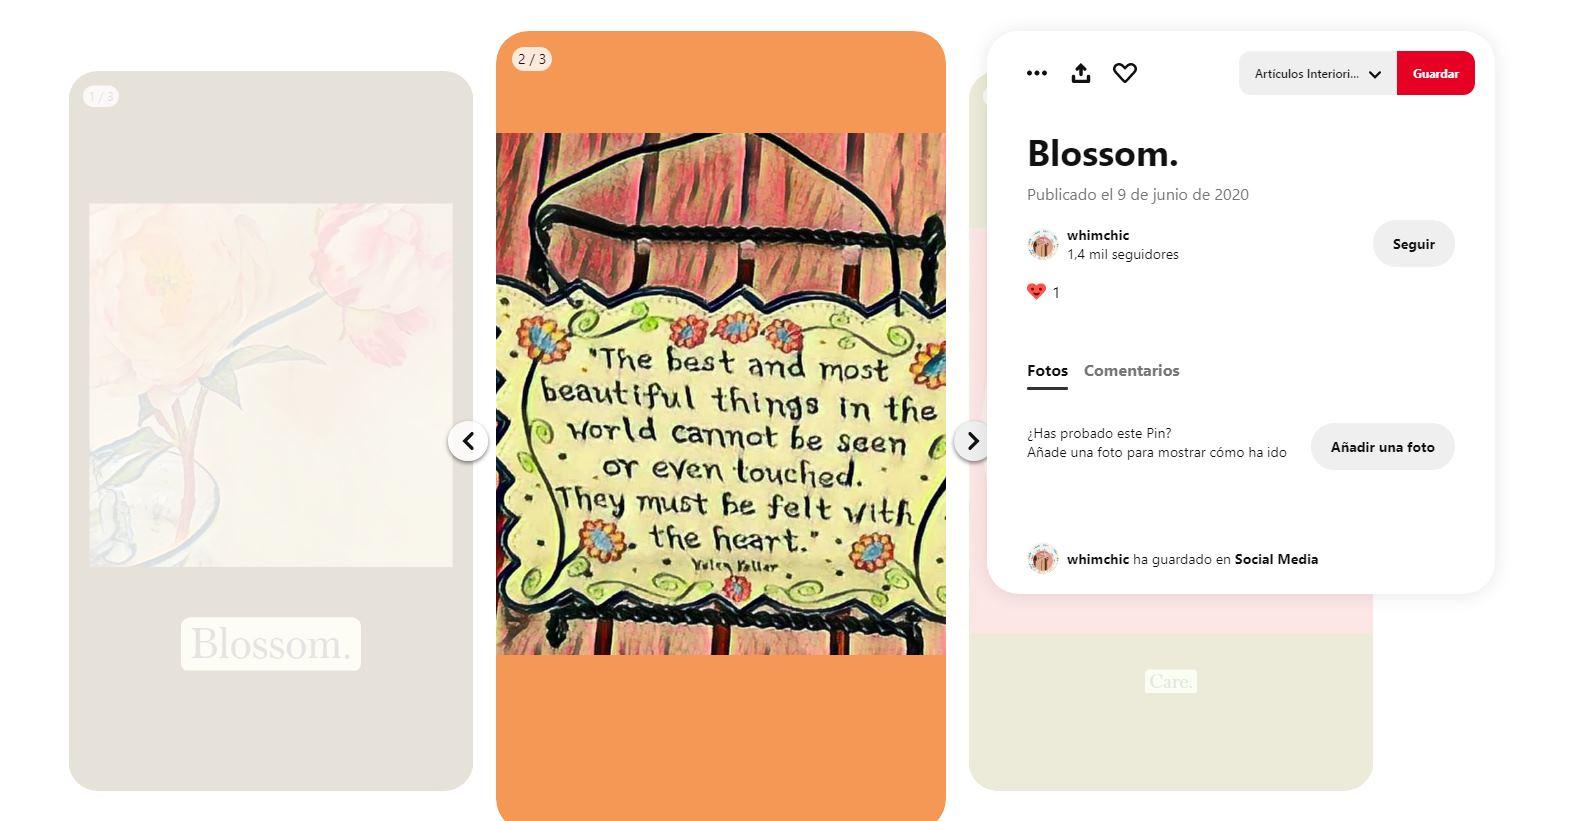 Pinterest presenta su versión de las historias: el nuevo Story Pins